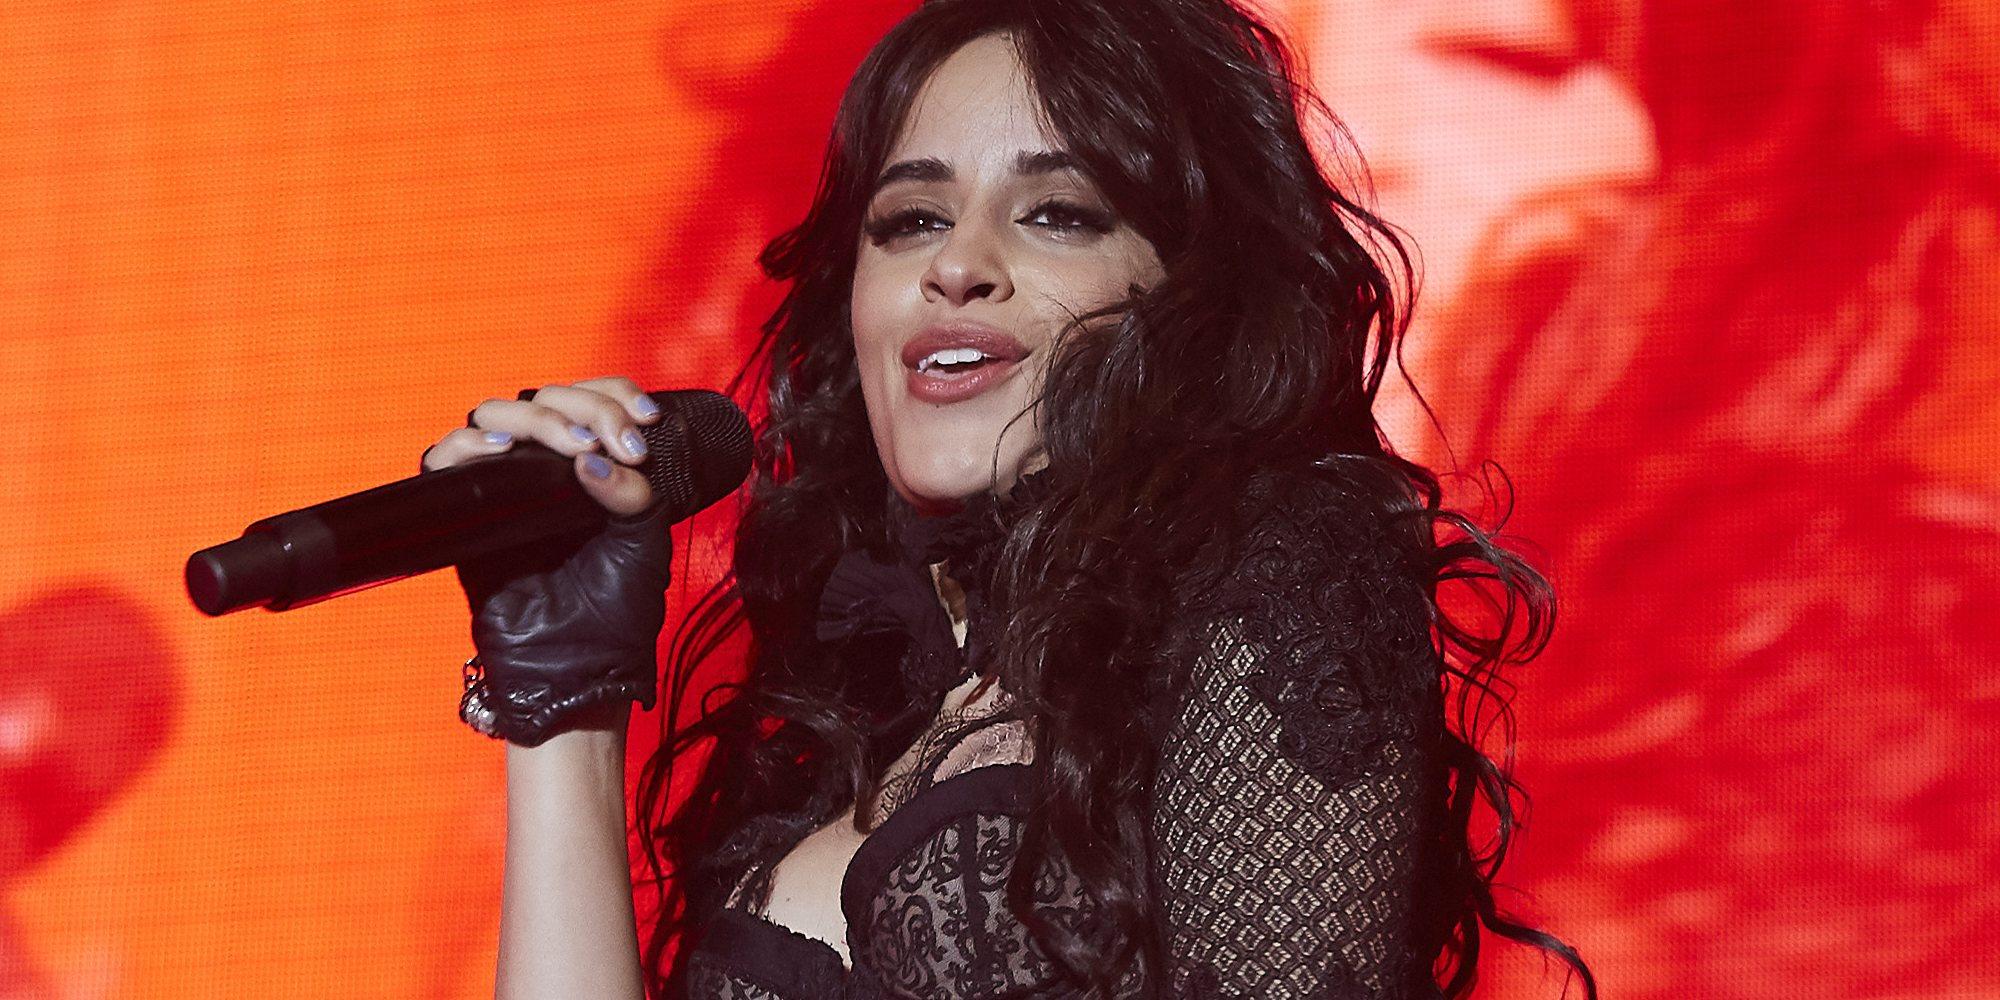 David Bisbal, invitado sorpresa del concierto de Camila Cabello en Madrid